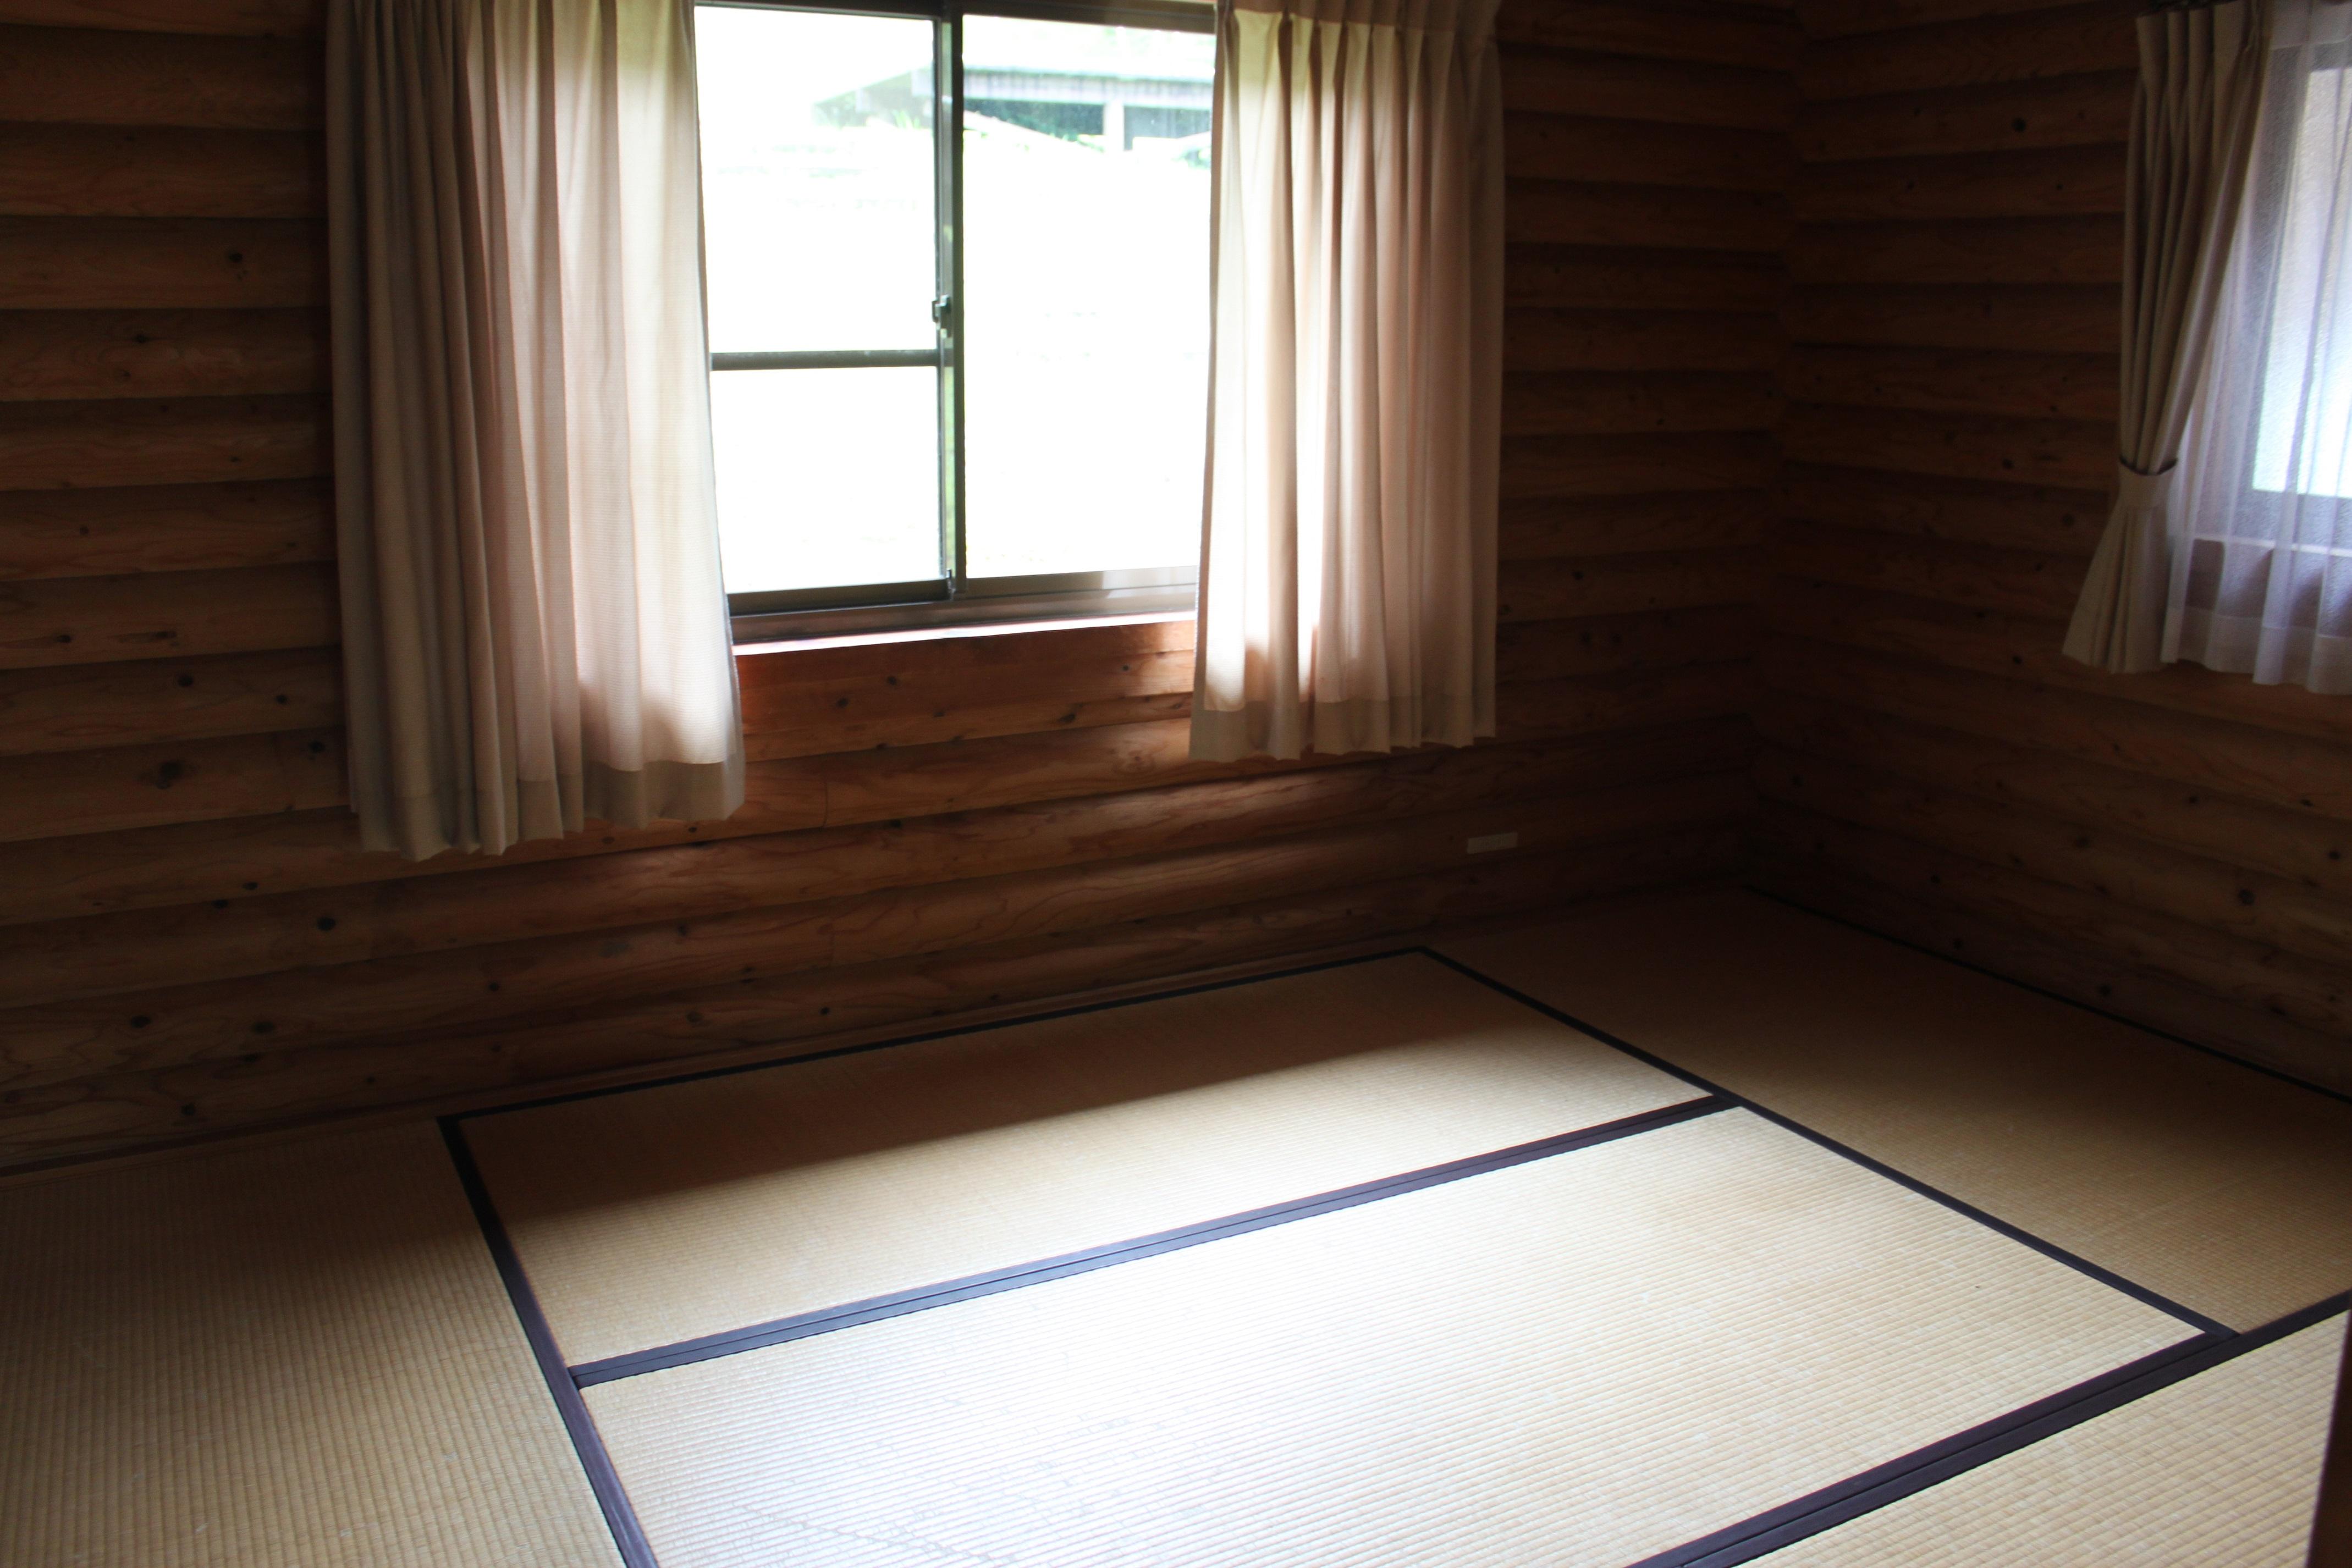 ぶどうの寝室は畳のお部屋